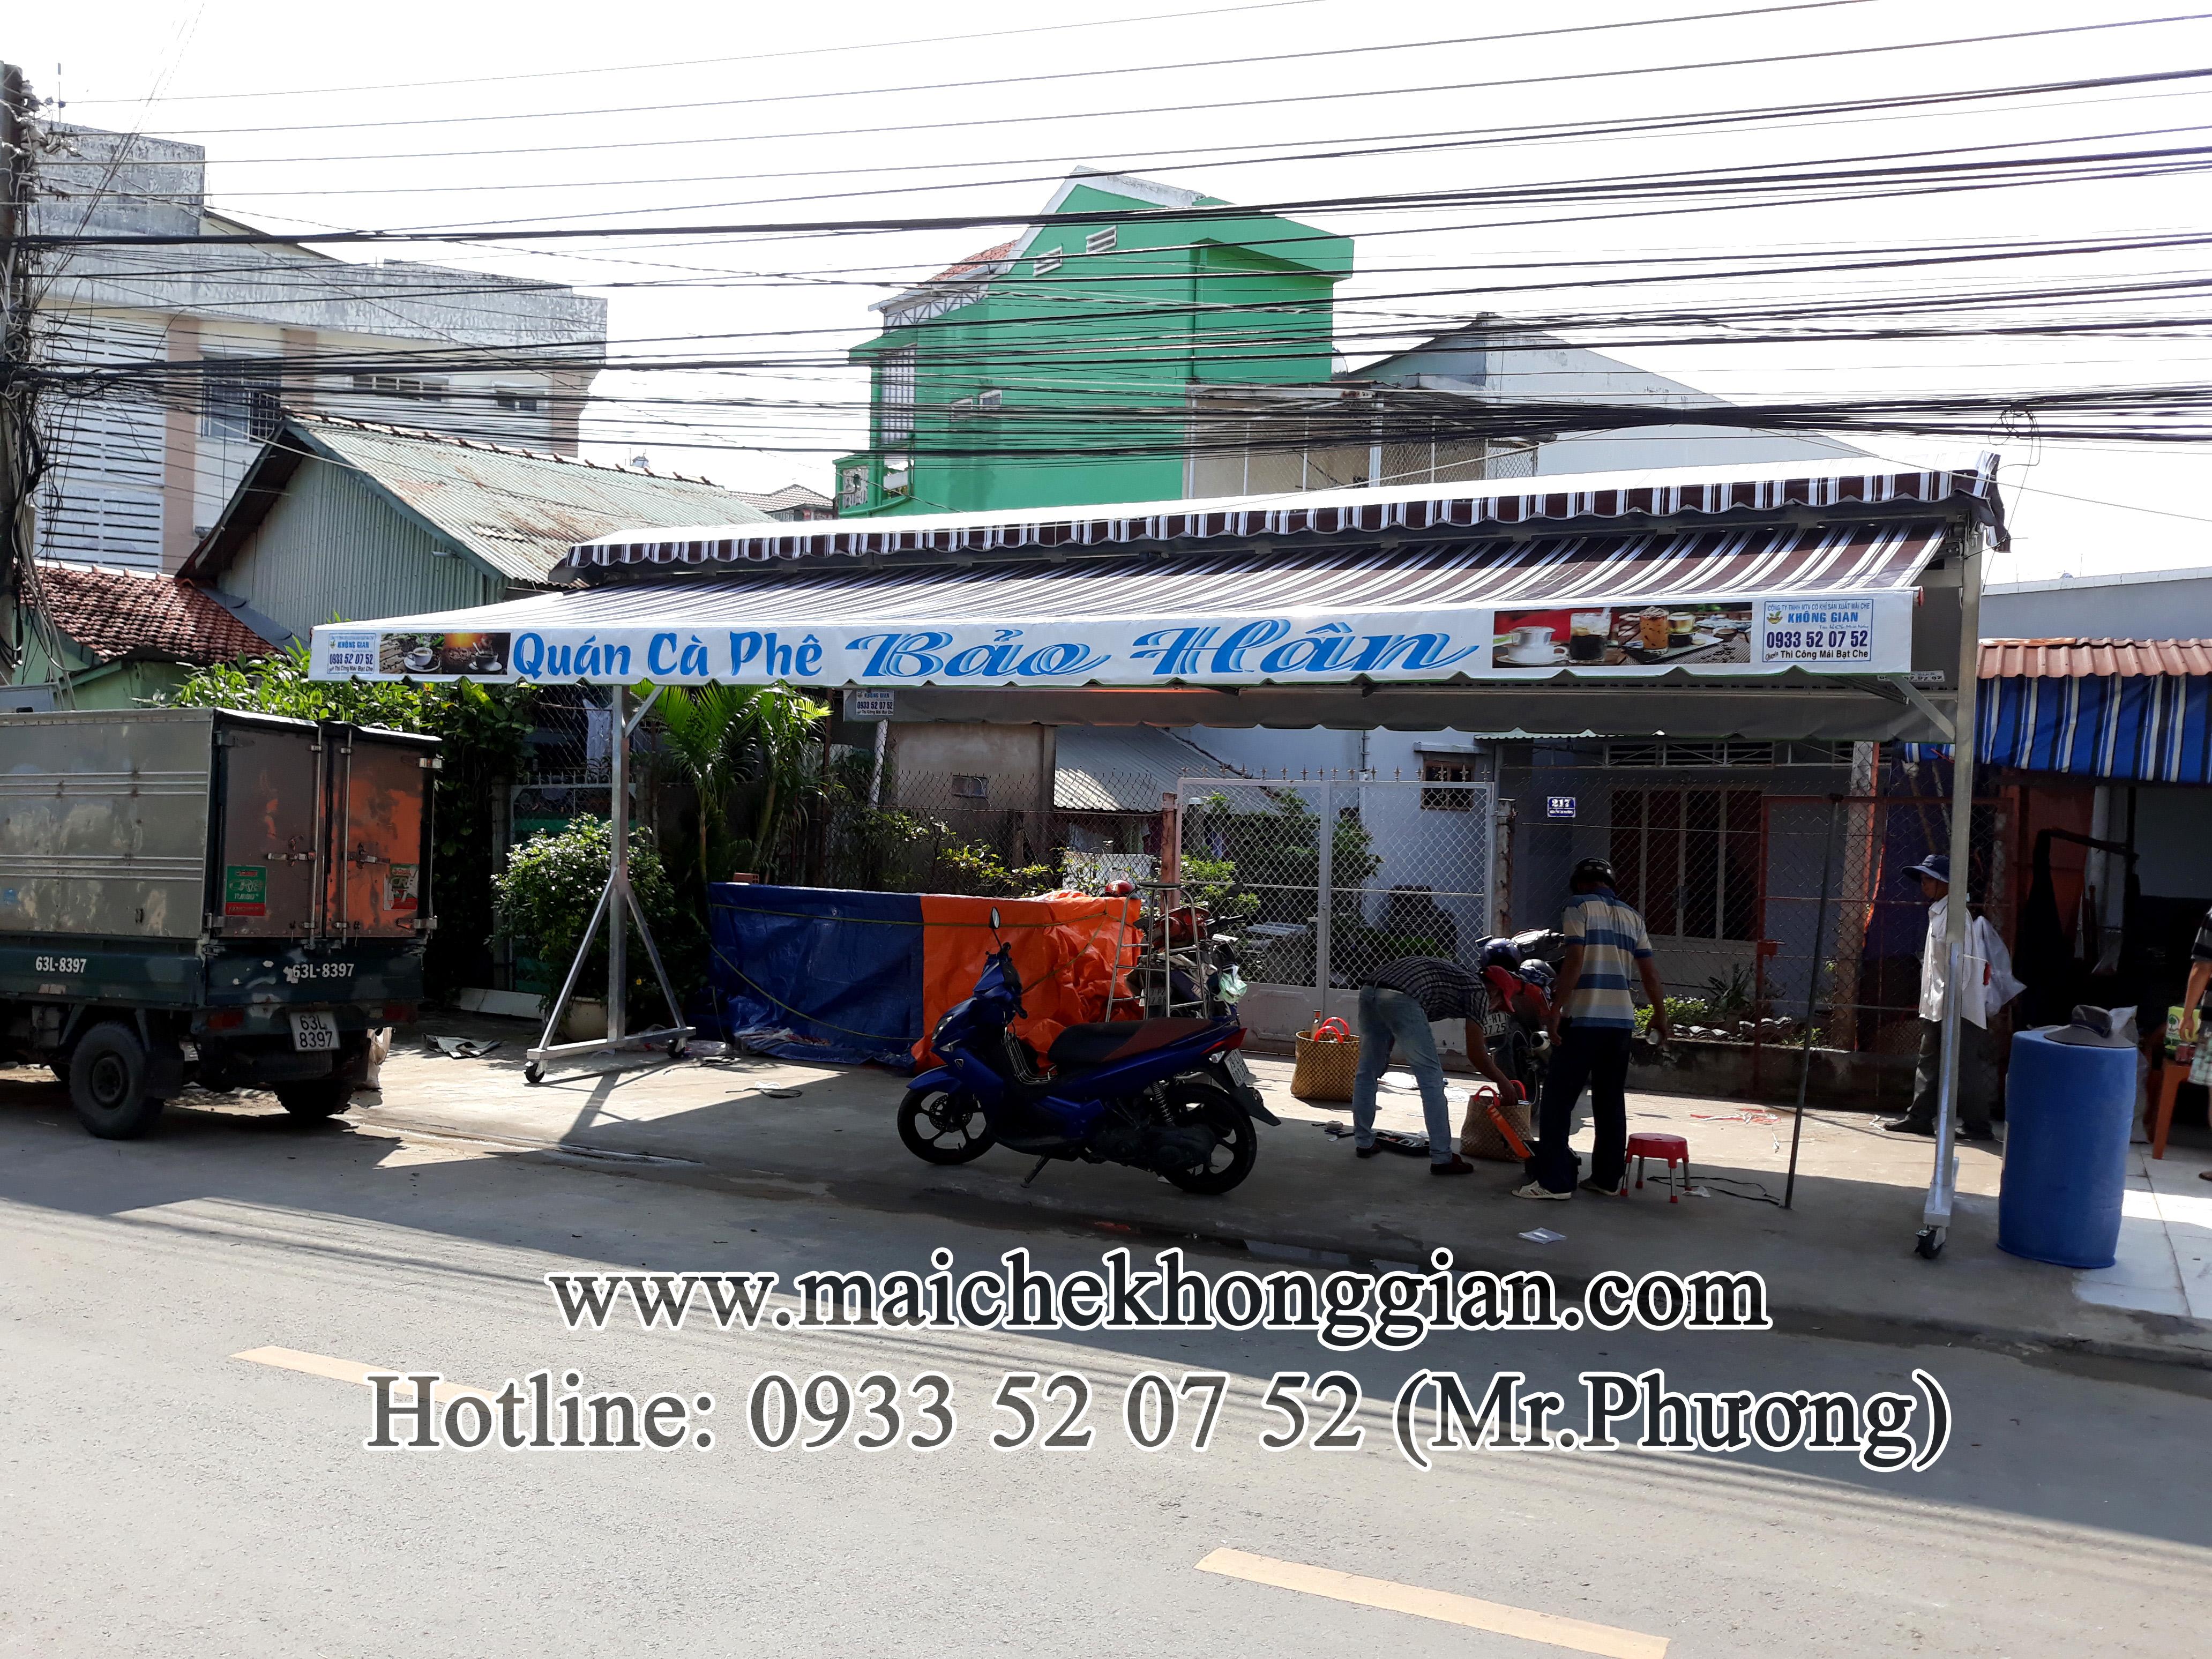 Mái Che Lưu Động Chợ Gạo Tiền Giang